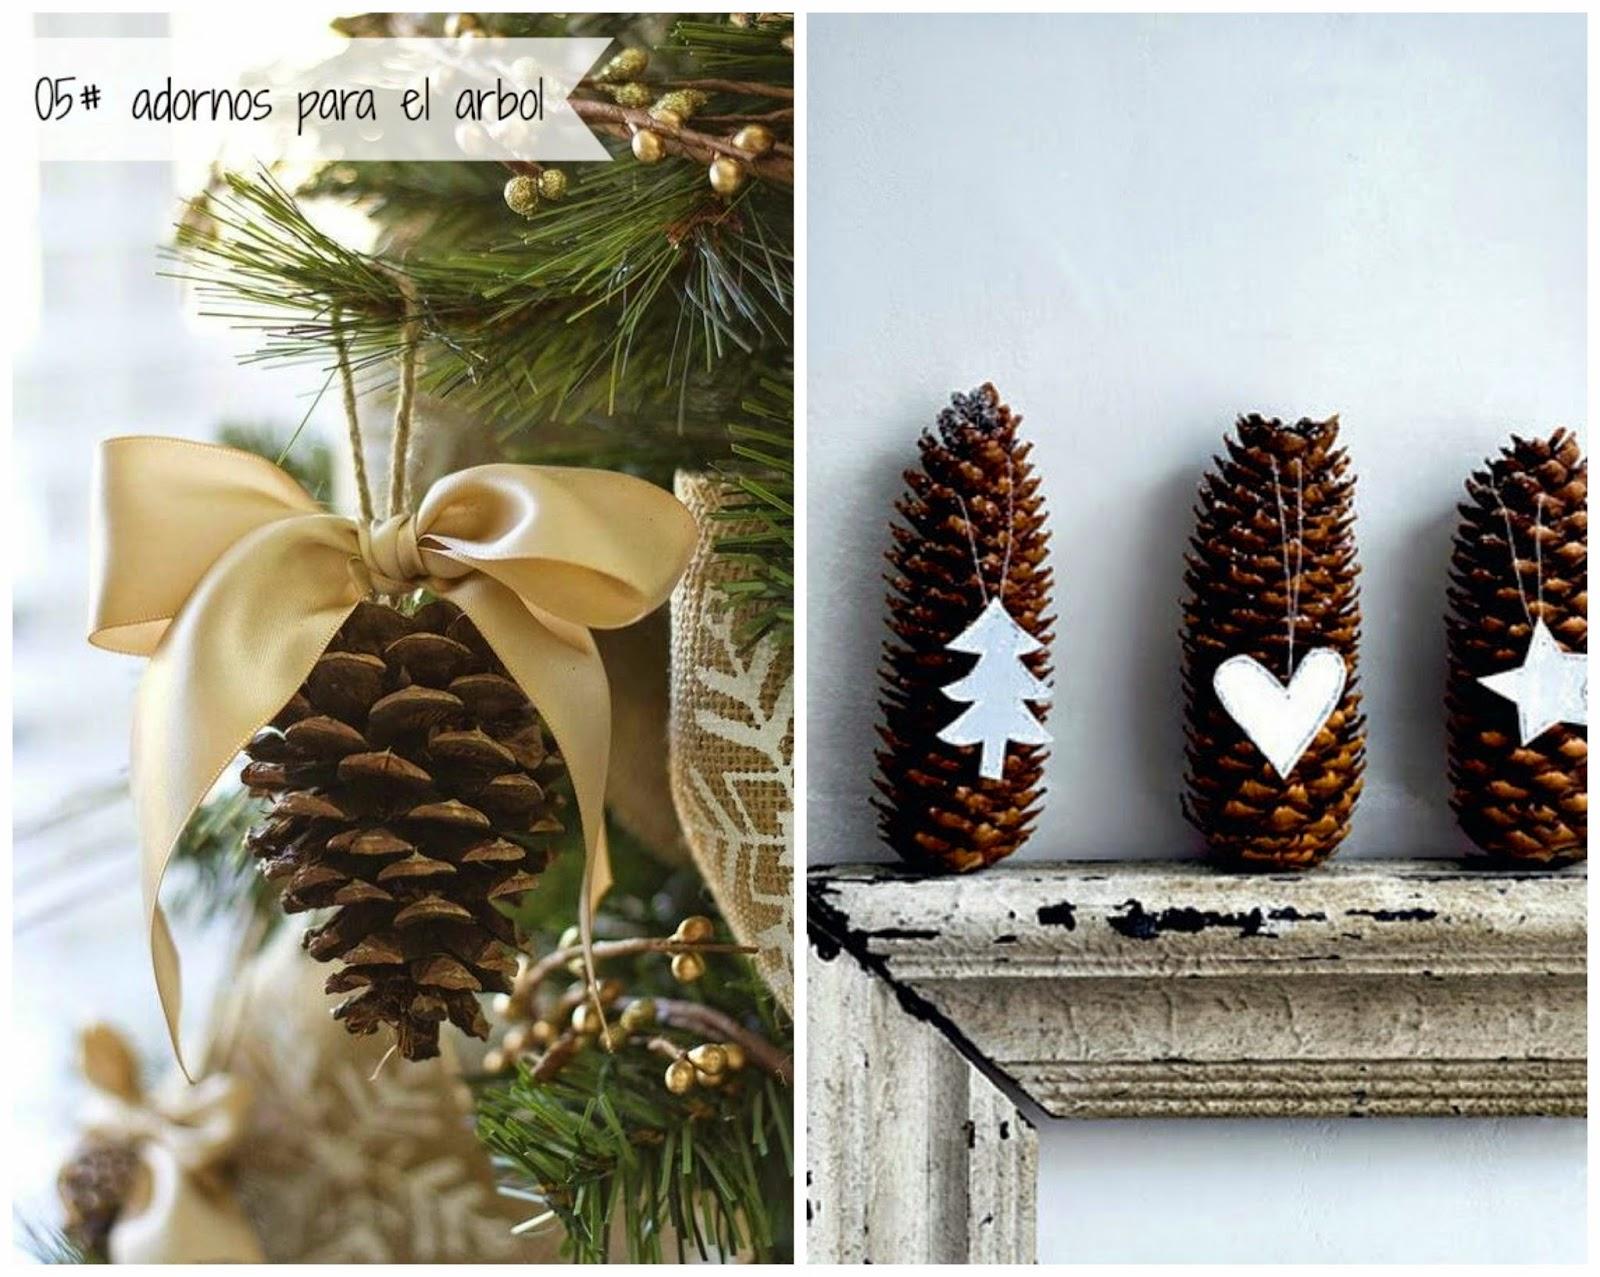 100 tonos de verde buscando inspiracion 5 ideas para - Decoracion navidena con pinas ...